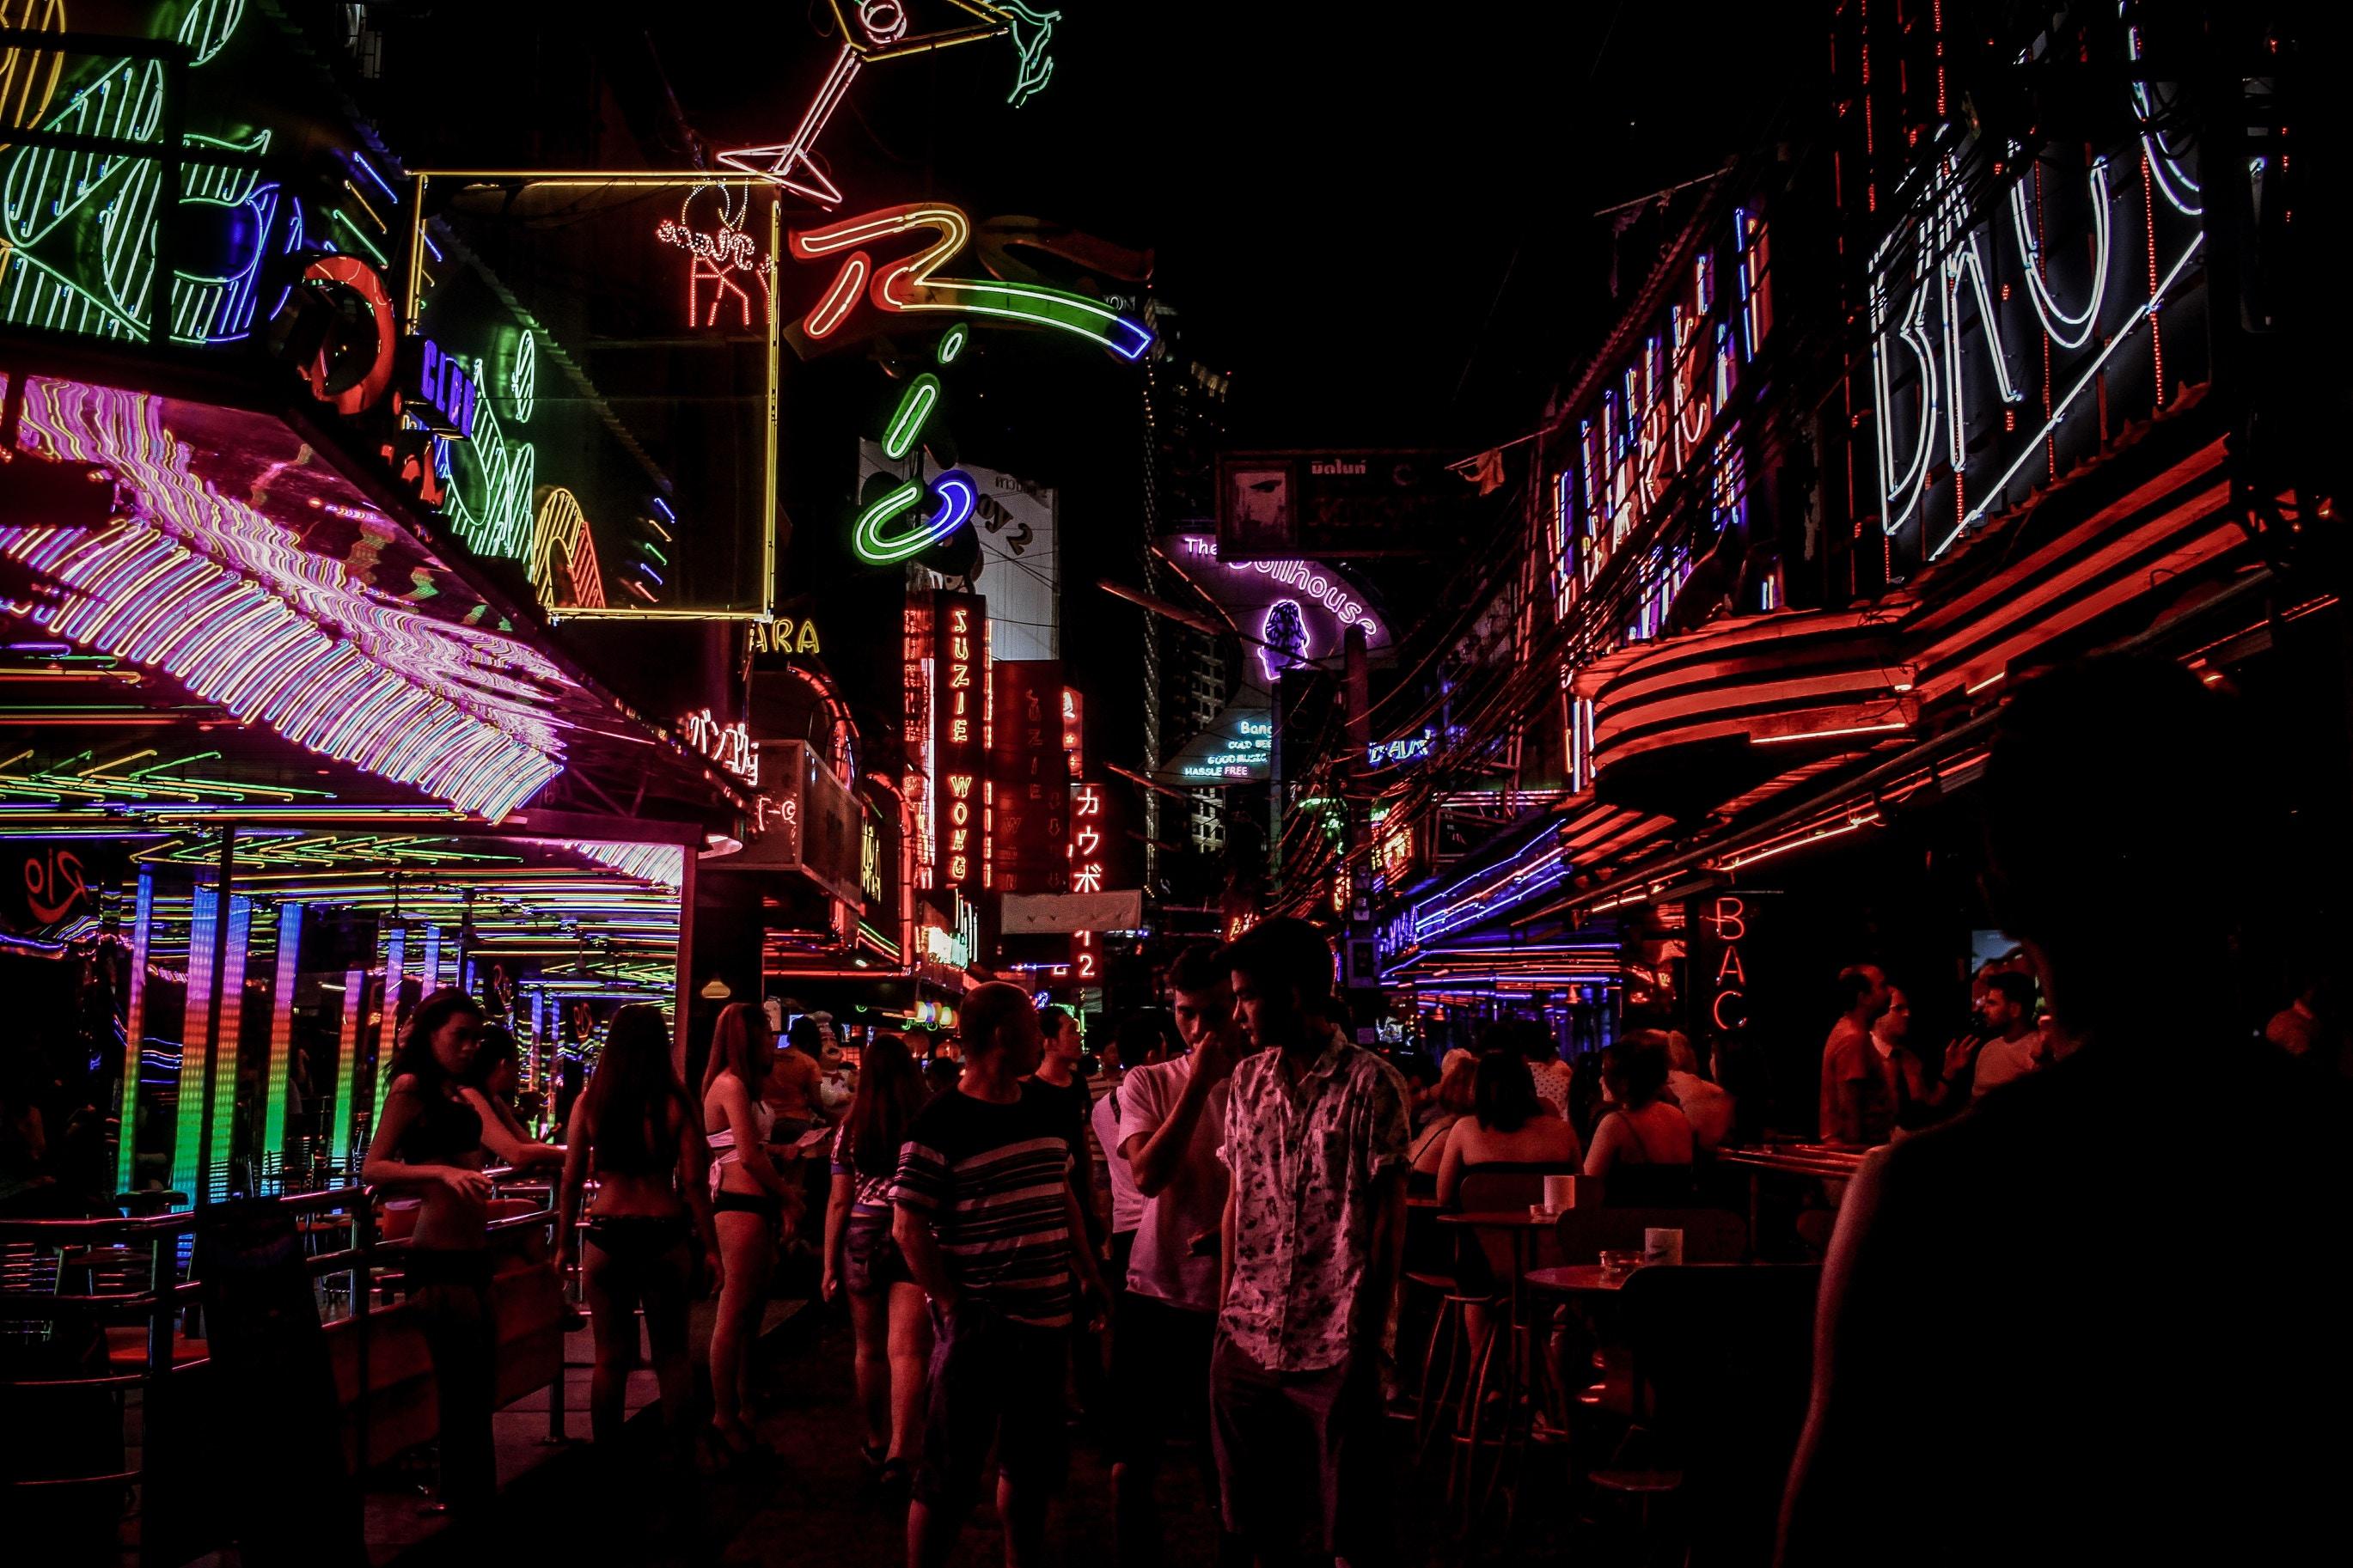 Nightlife in Kuta